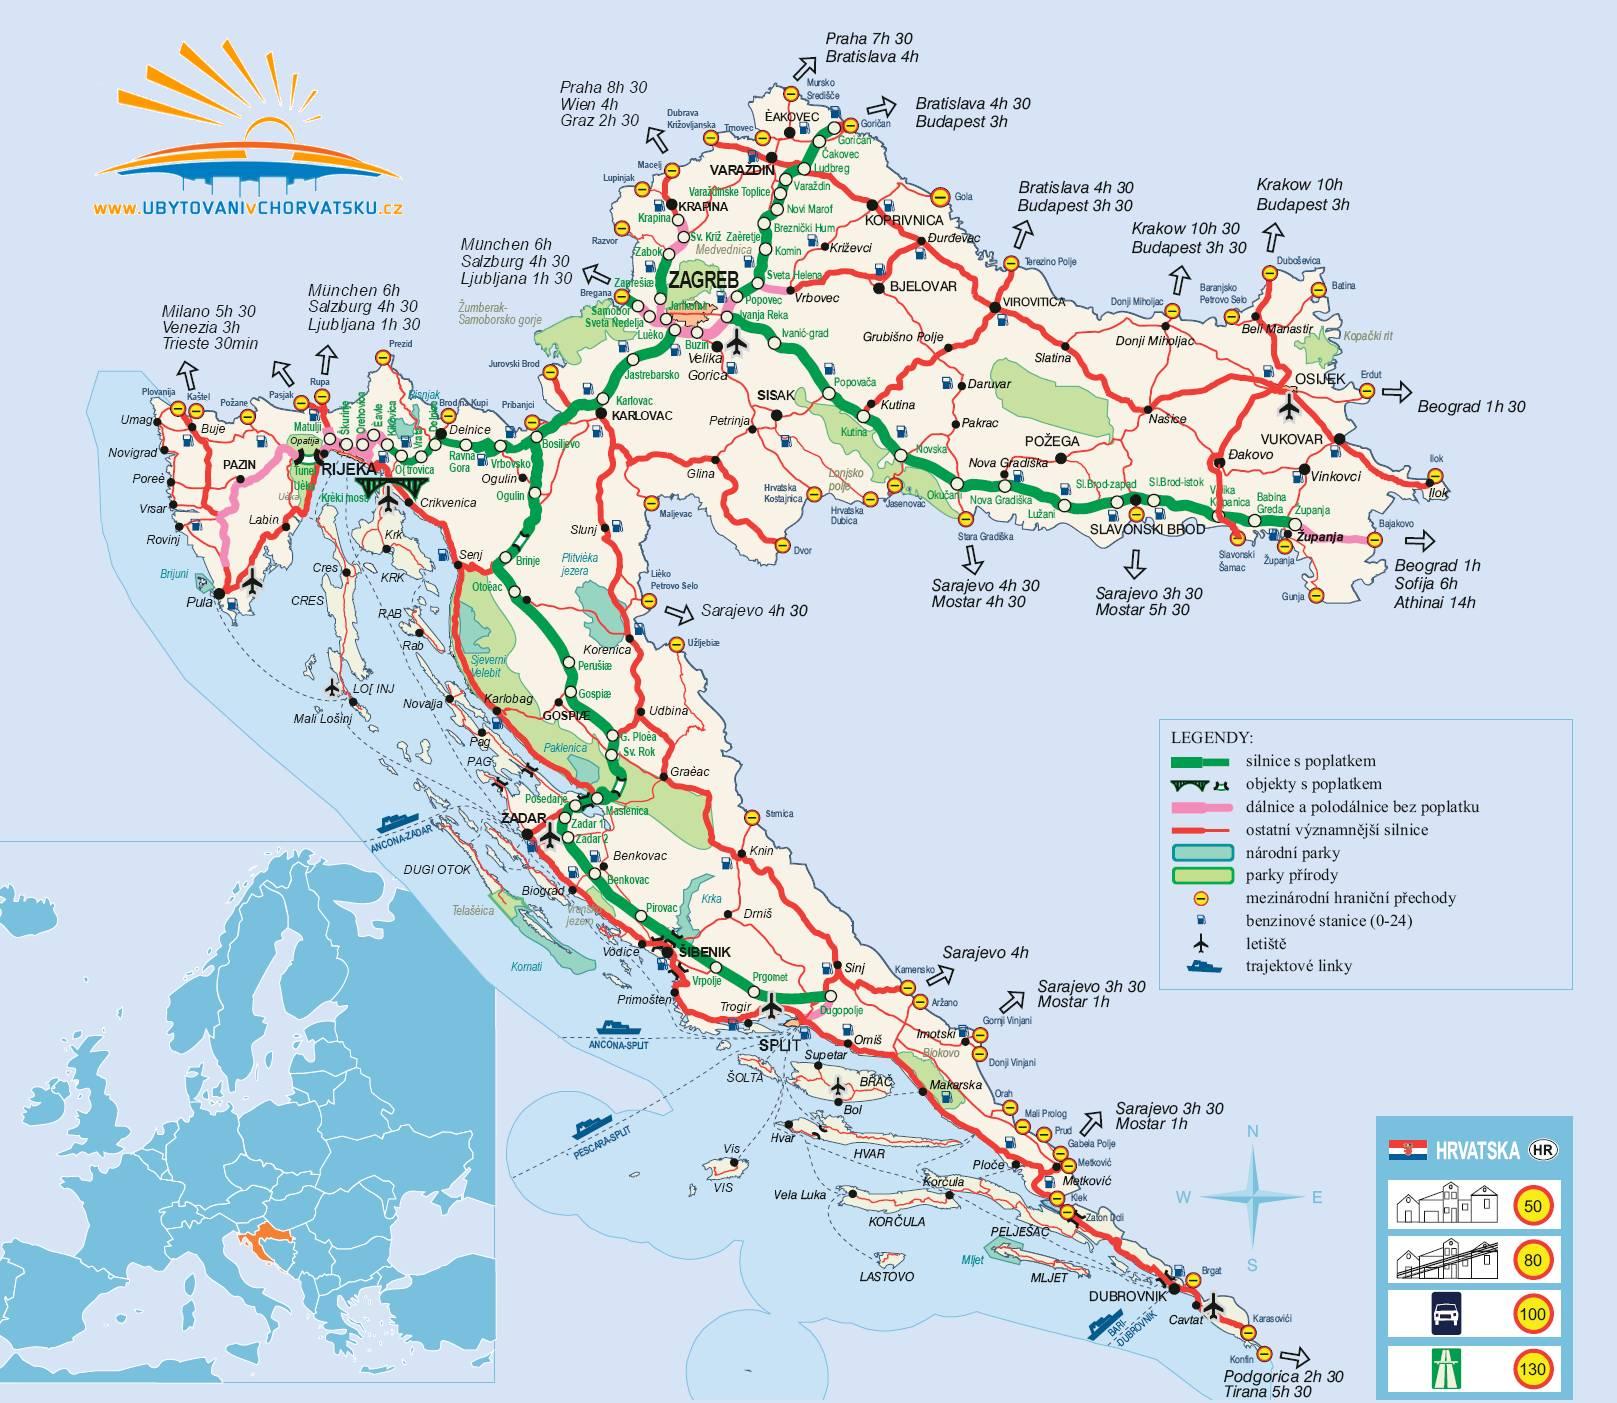 Mapa Chorvatska Ubytovani Dovolena Mapy Chorvatska